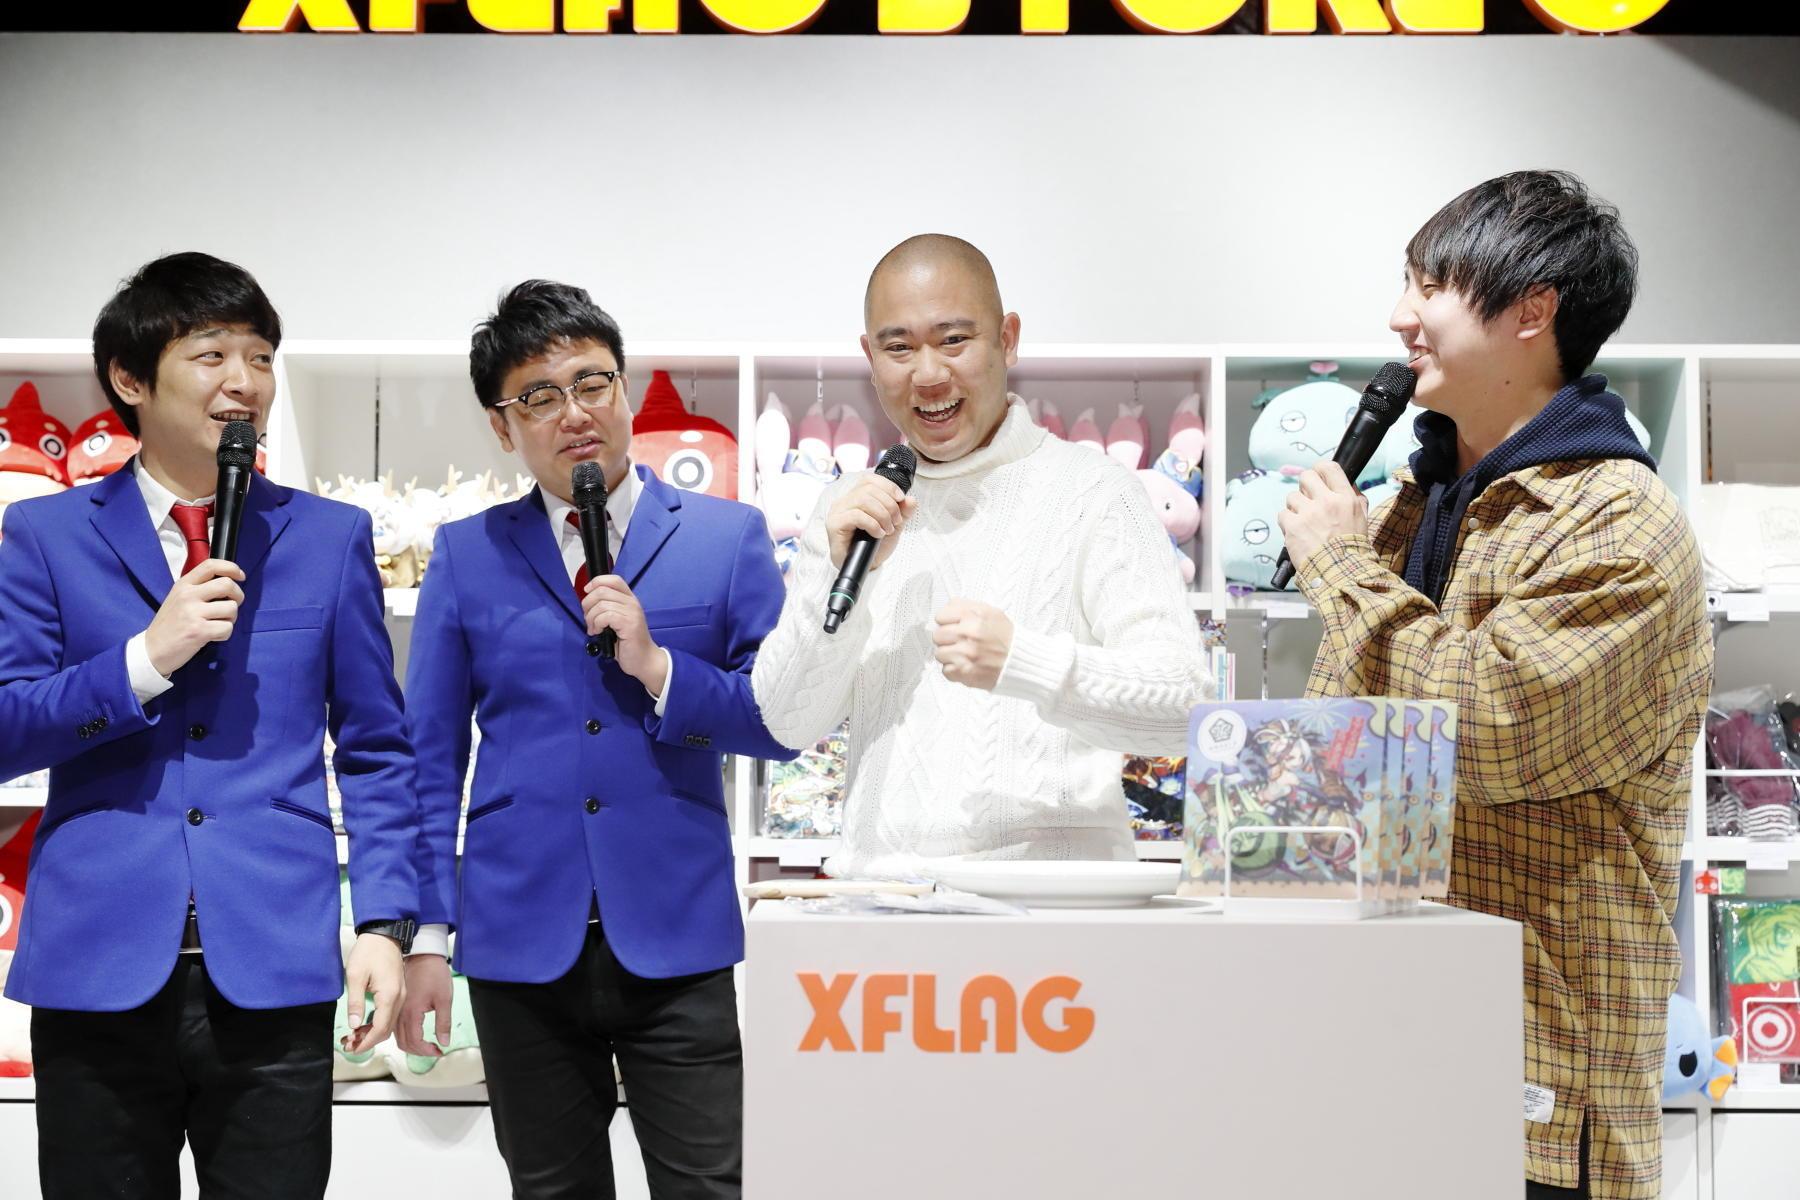 http://news.yoshimoto.co.jp/20190124202902-f42ed3d182e63631aa7d537de7442f89131c4b80.jpg